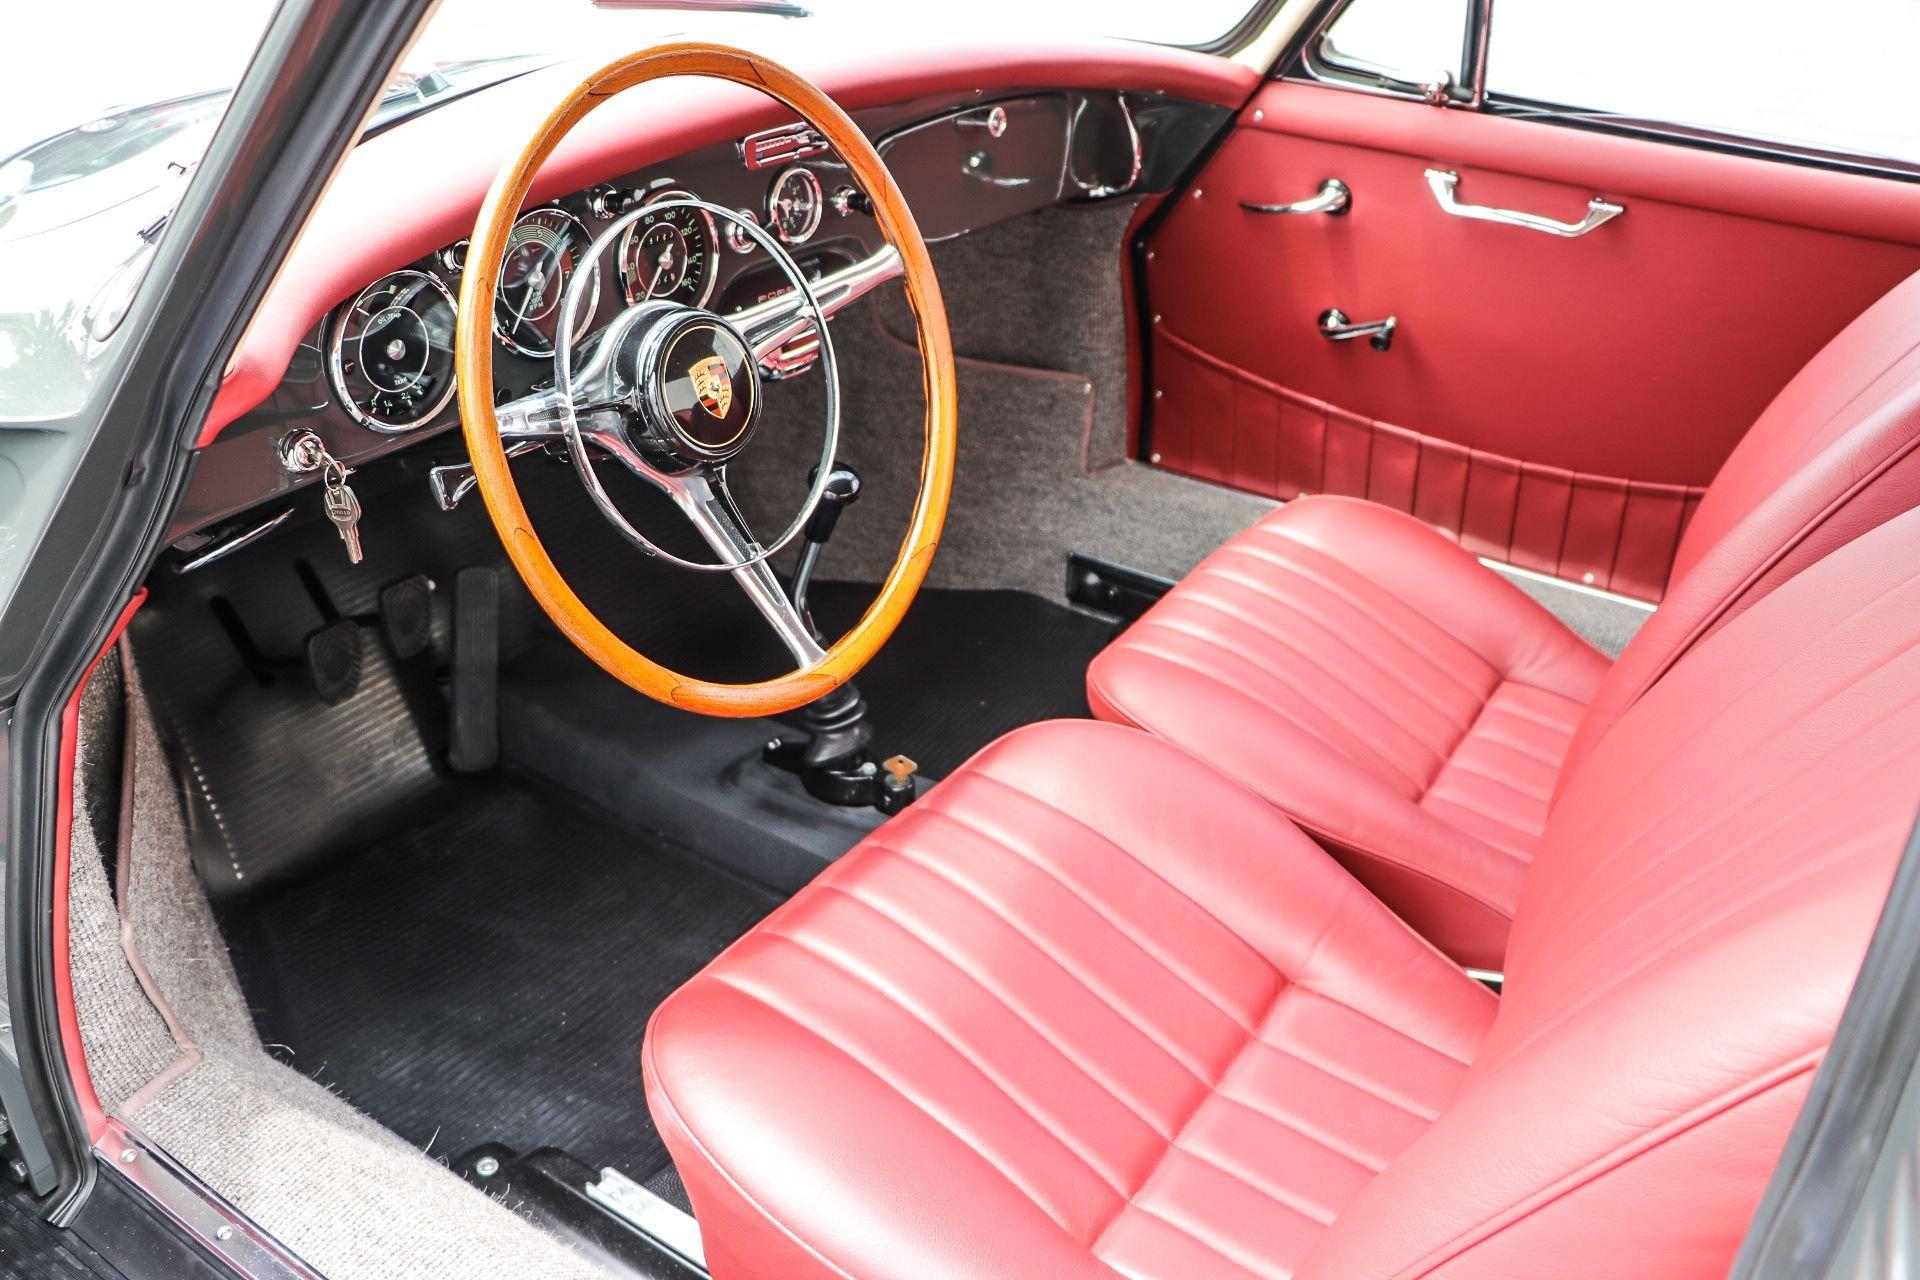 Porsche 356 B 2000 GS Carrera 1963 - elferspot com